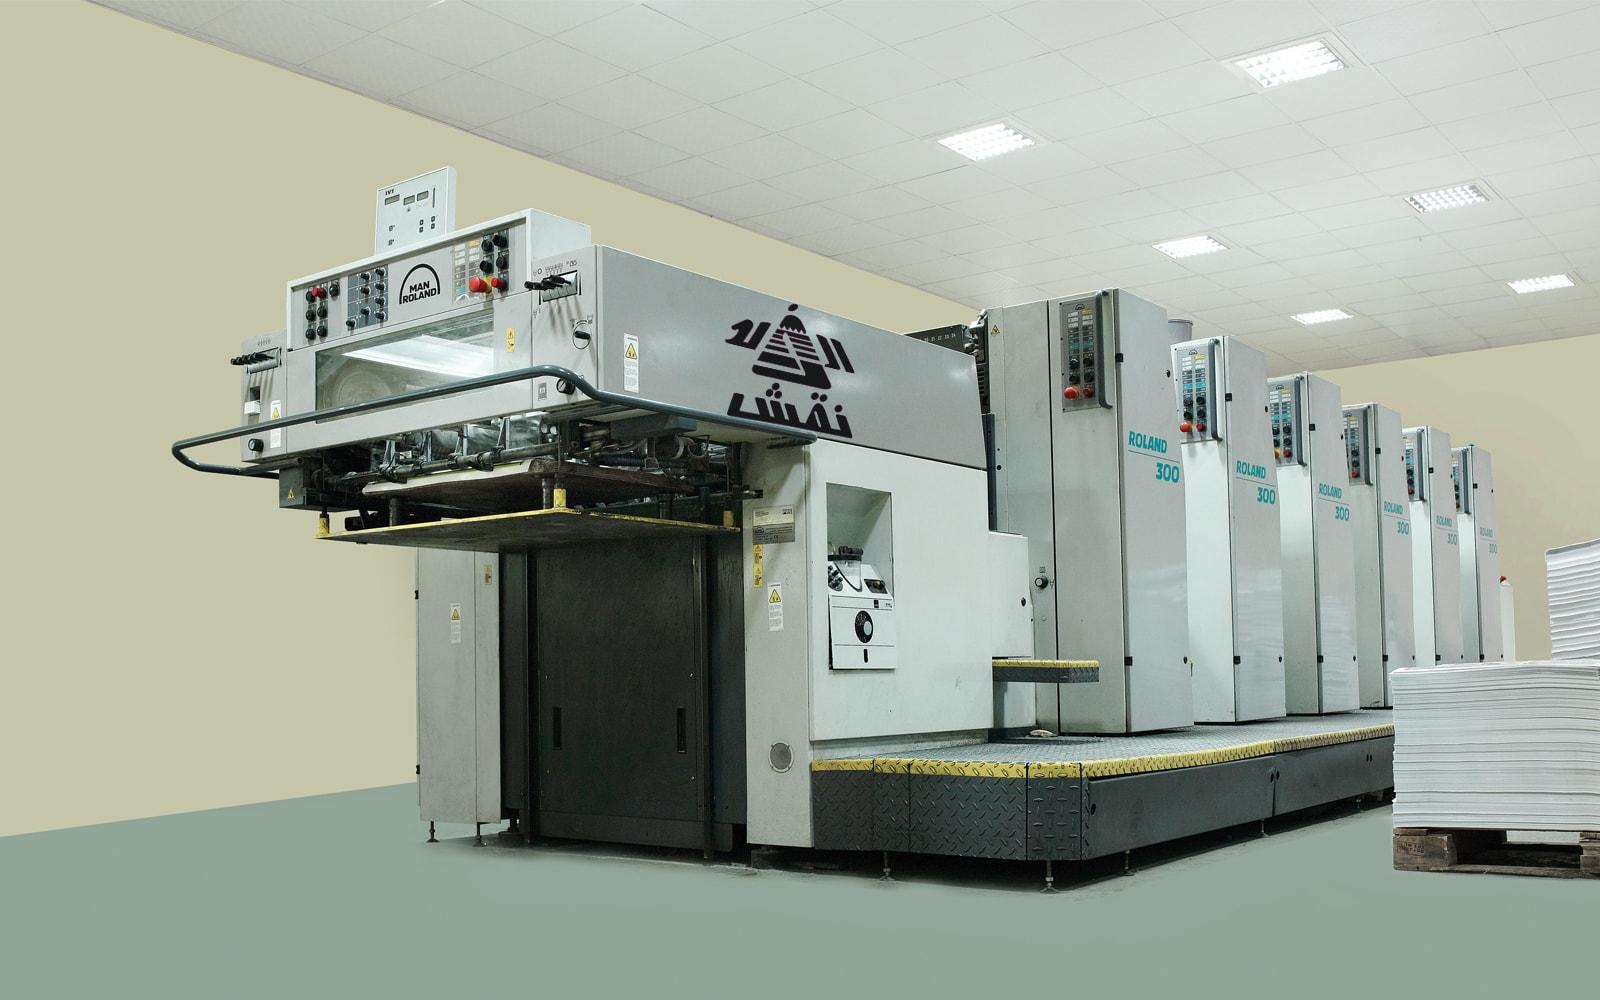 چاپ الوند - چاپ بنر در کرج - چاپ تراکت در کرج - چاپ کارت ویزیت در کرج